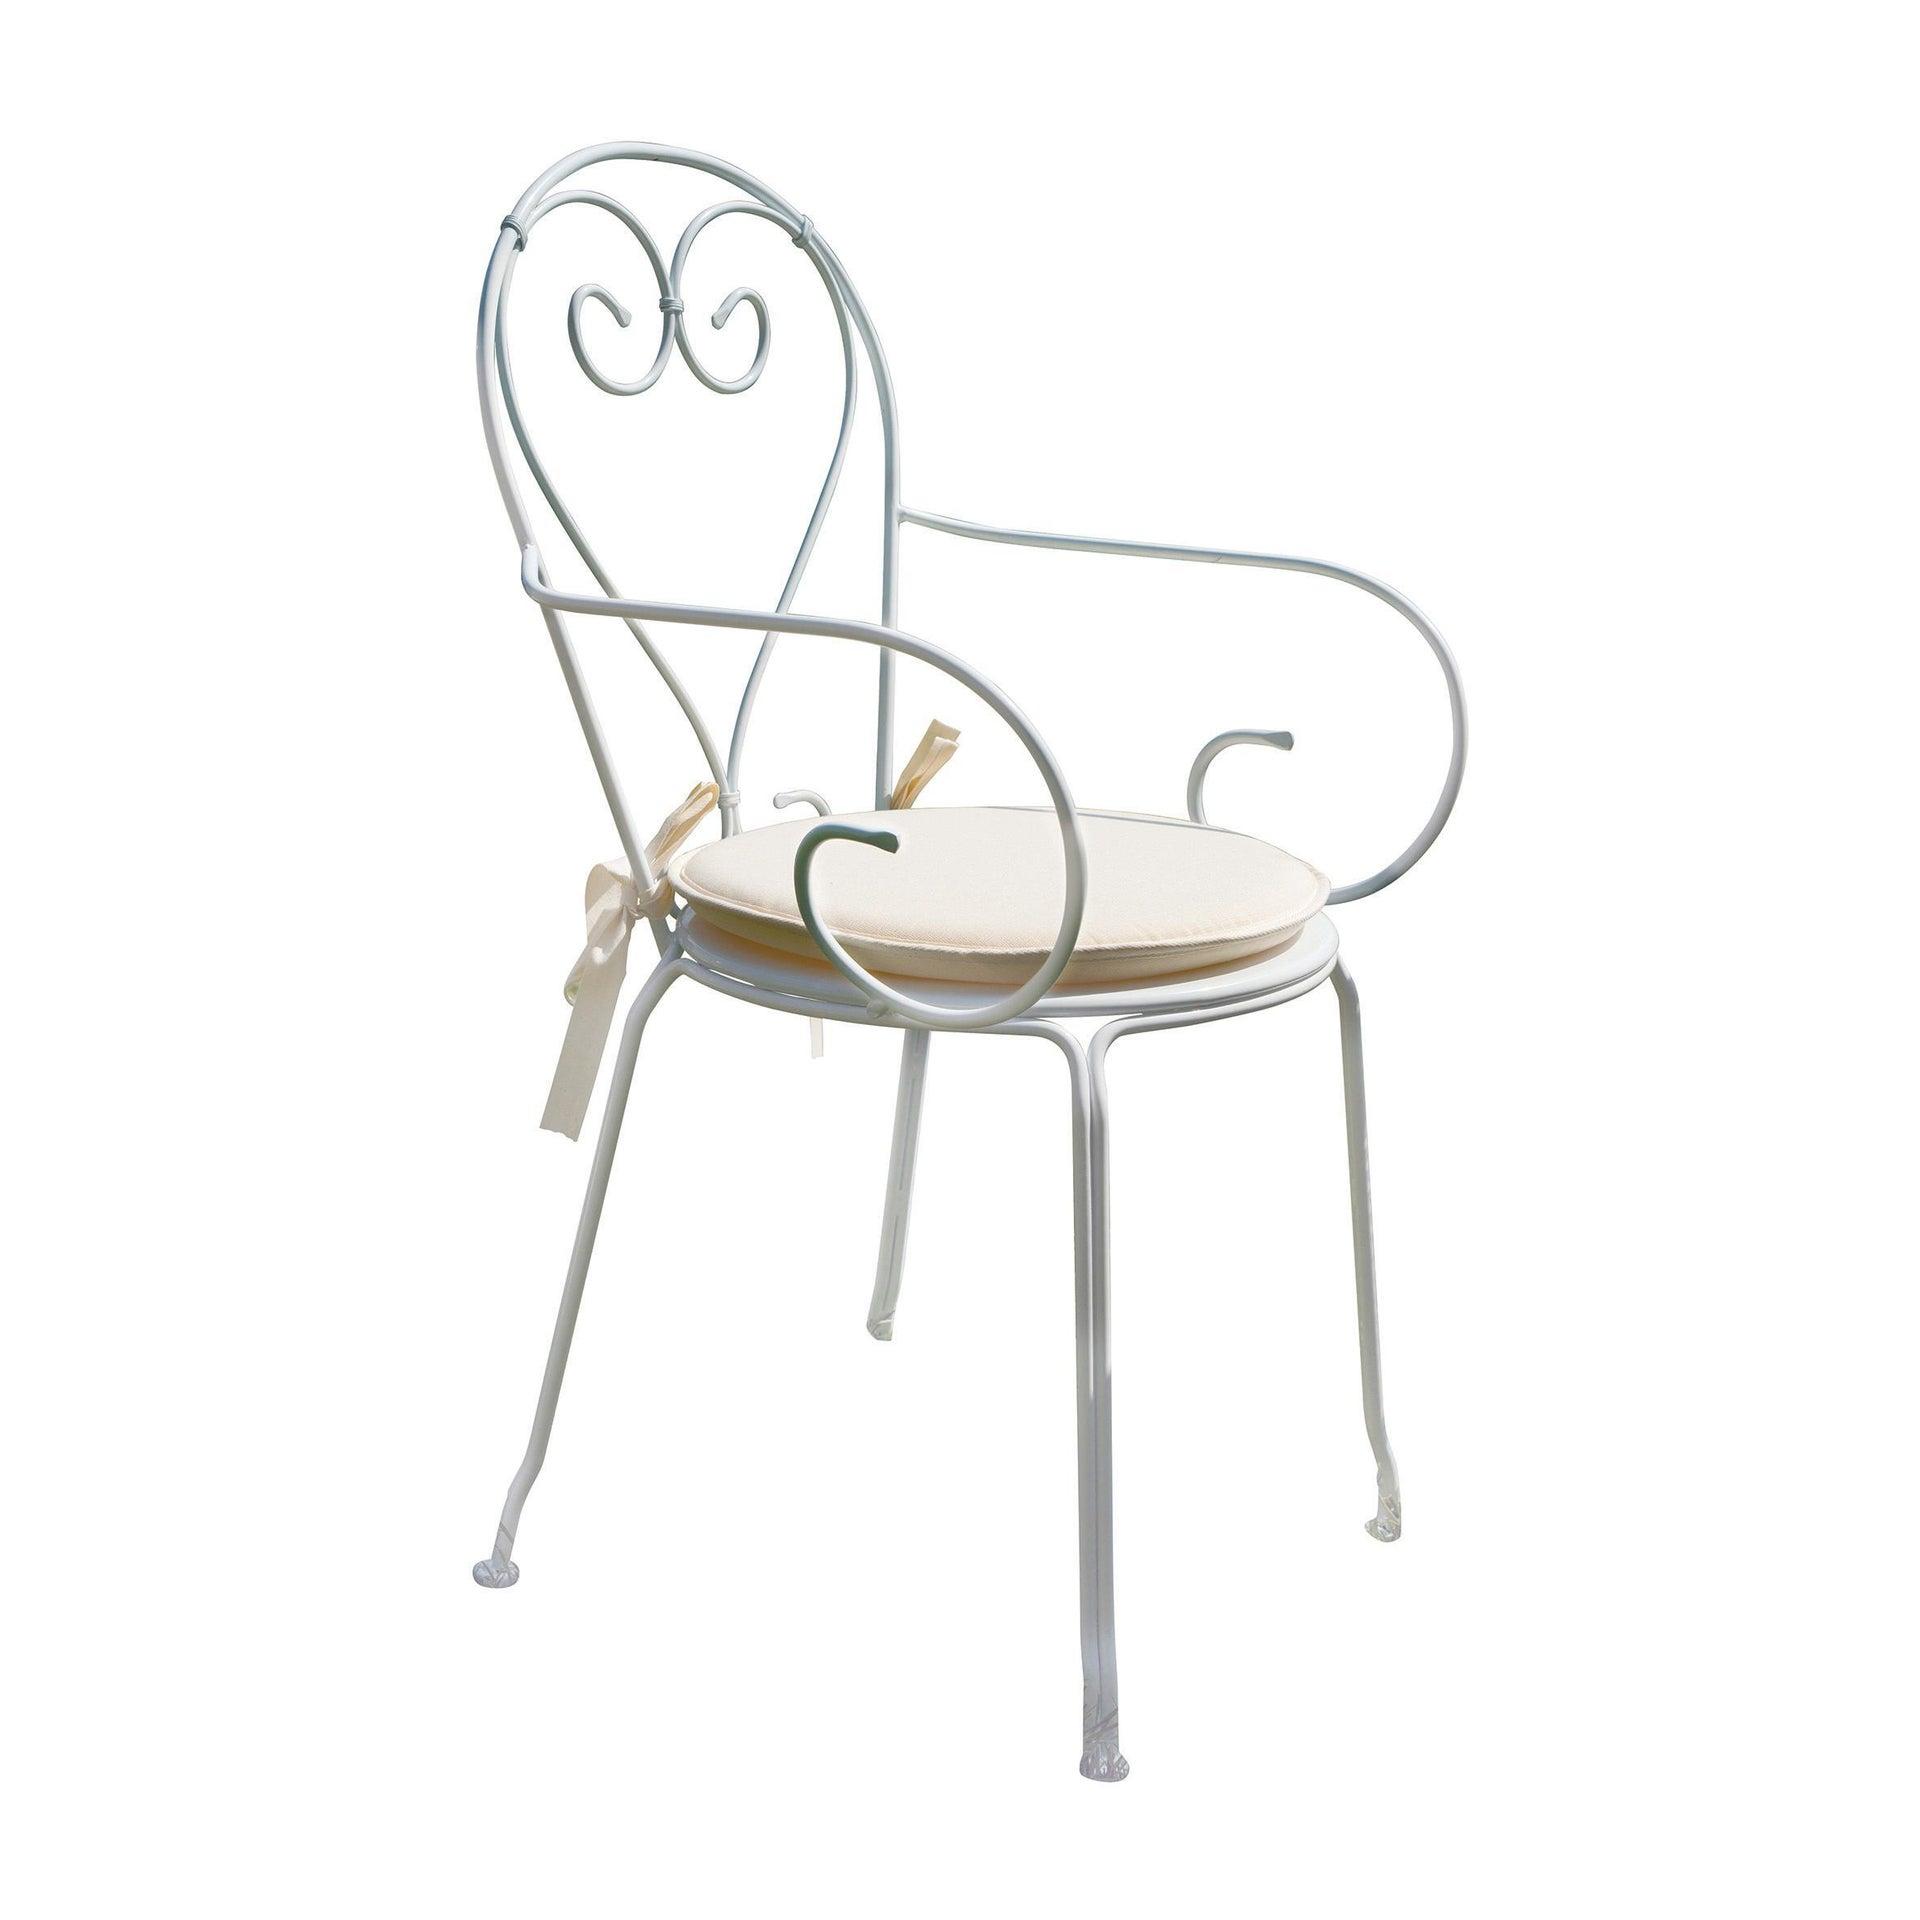 Sedia con braccioli senza cuscino Sirmione colore bianco - 1